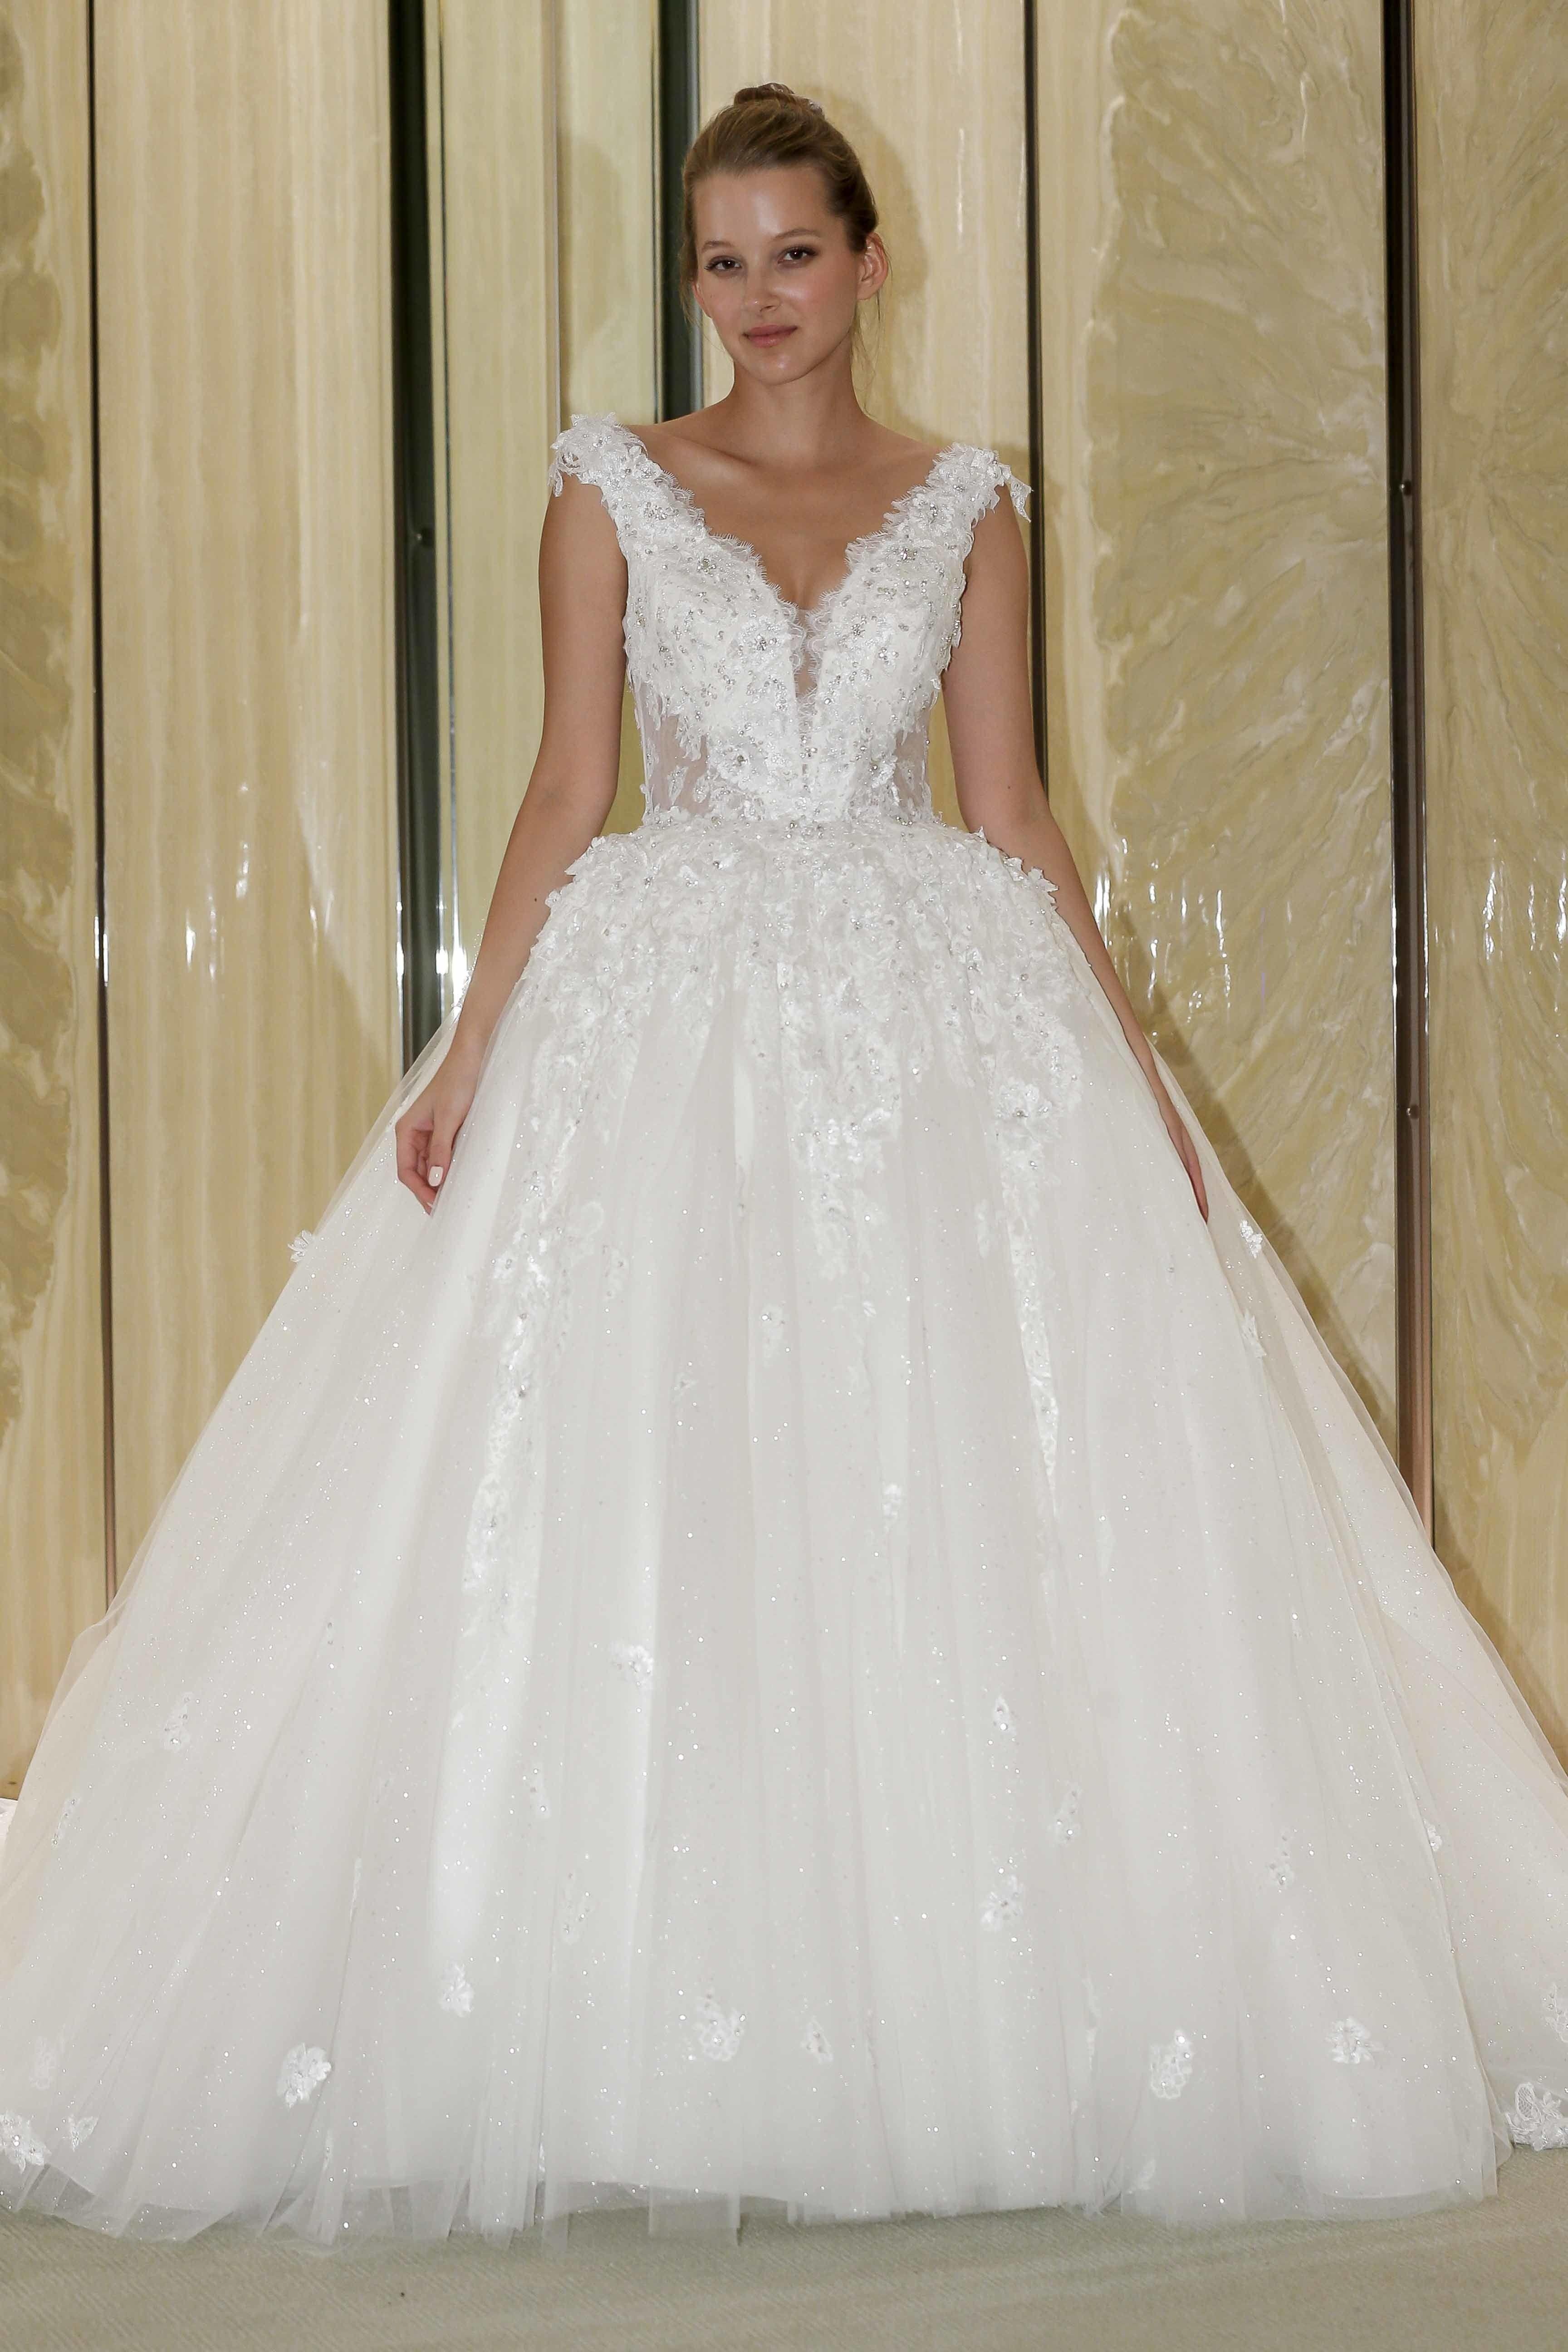 Randy Fenoli Bridal Wedding Dress Collection Fall 2019 Brides